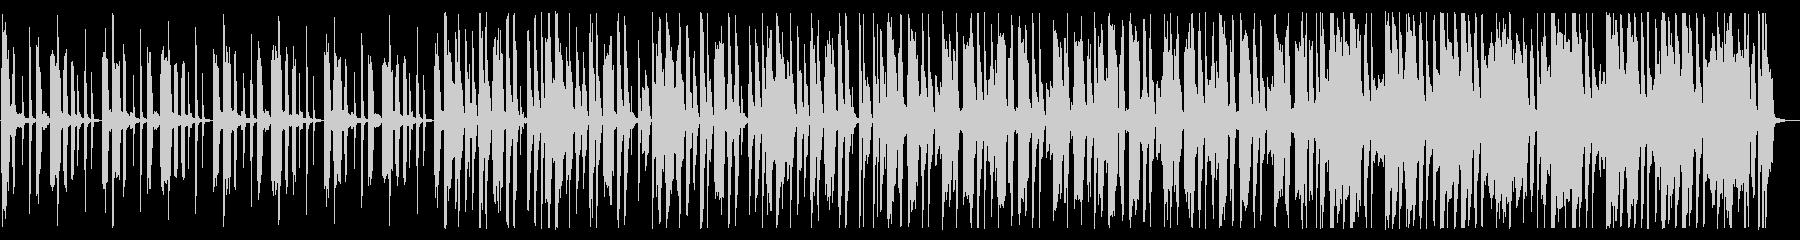 不思議/シンプル/R&B_No469_2の未再生の波形